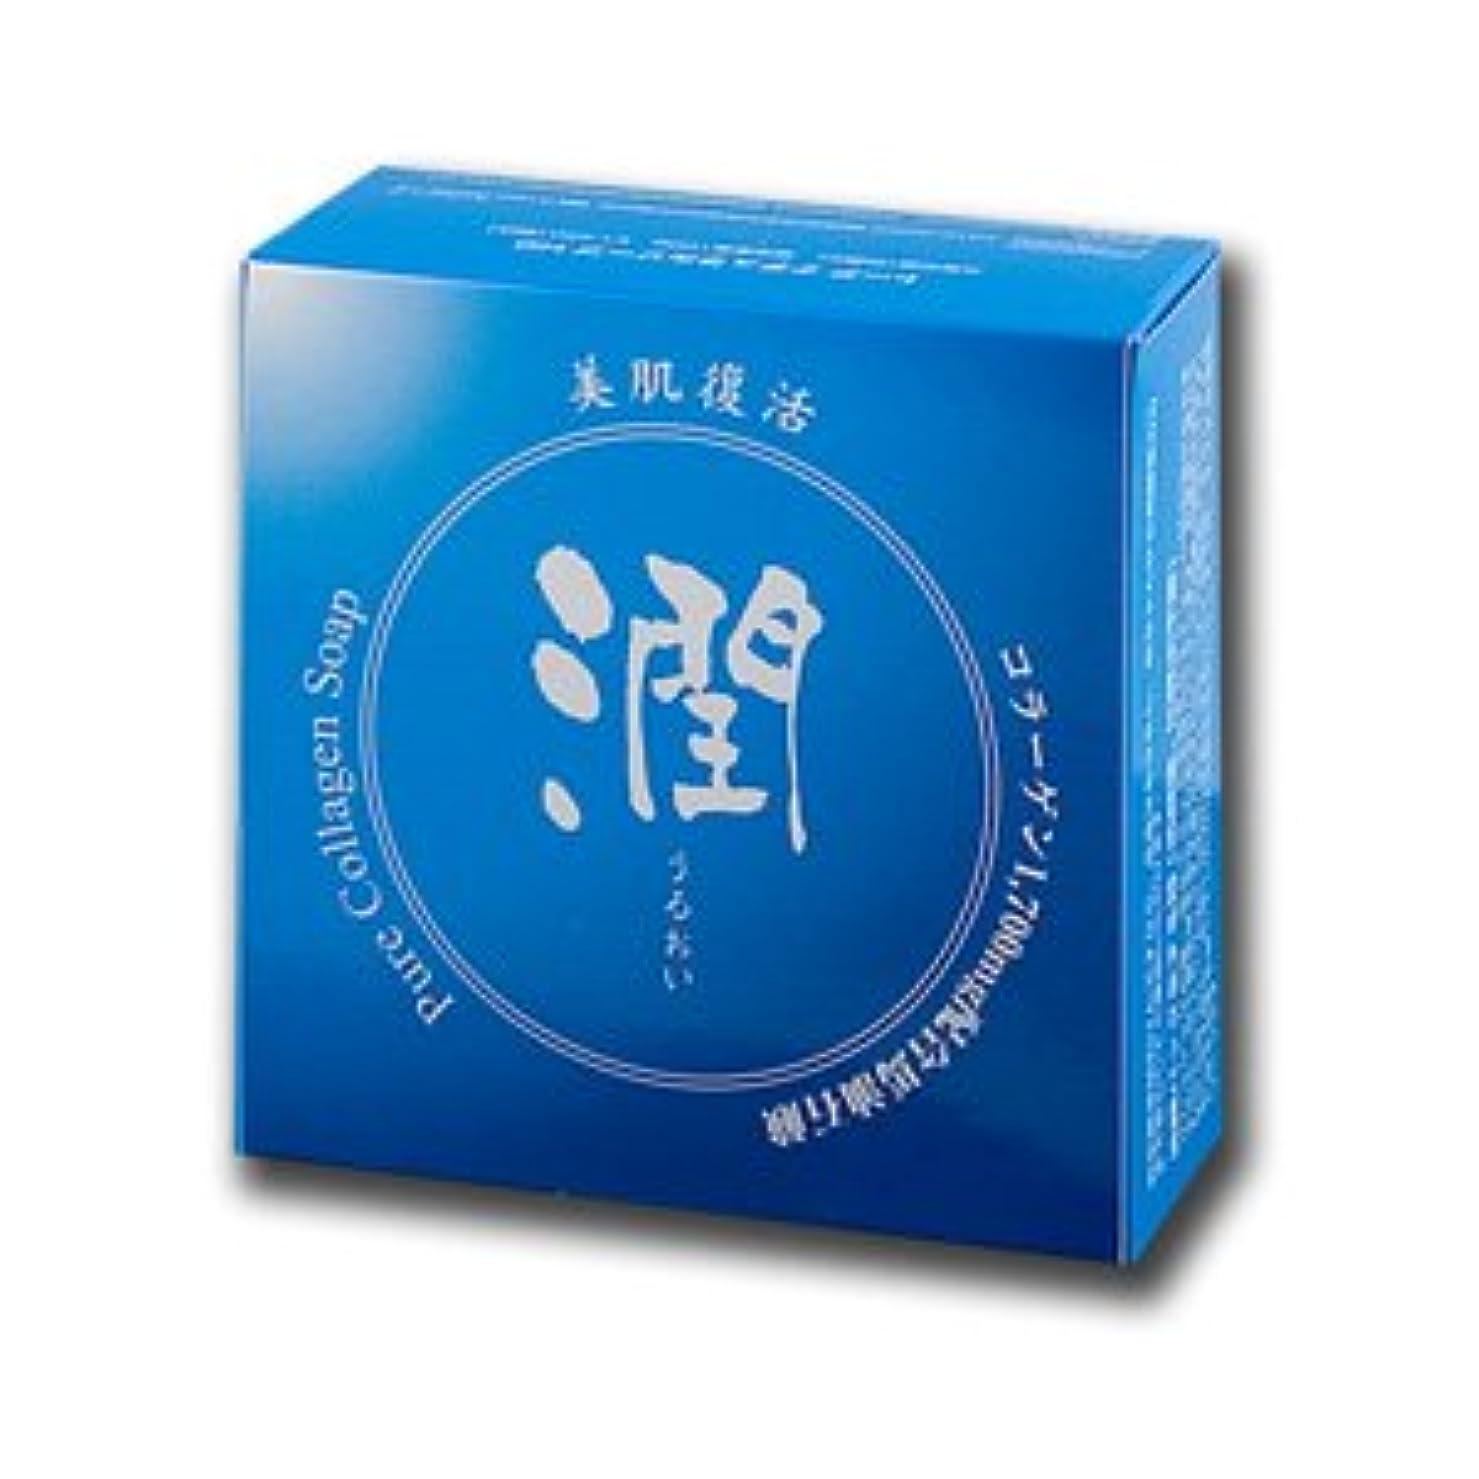 ピストン質量名声コラーゲン馬油石鹸 潤 100g (#800410) ×10個セット